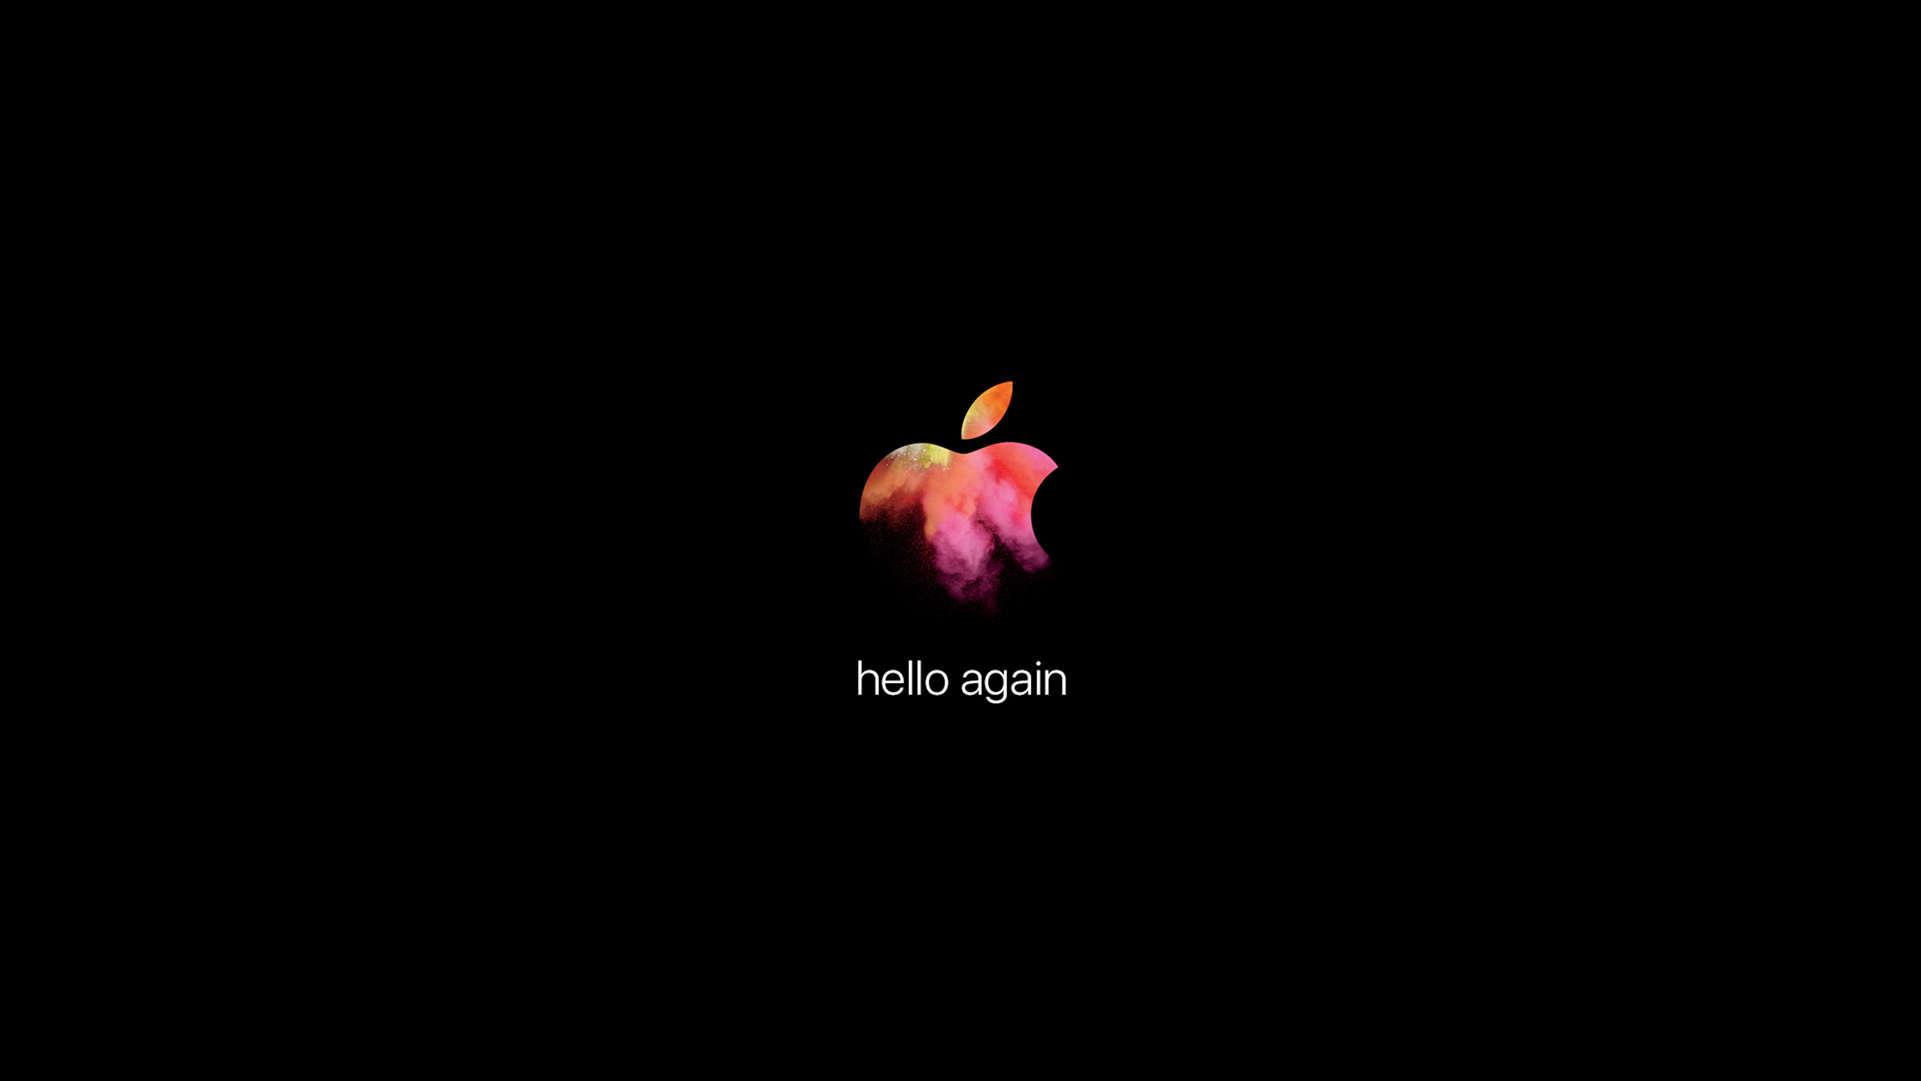 Hello again 21.5 iMac